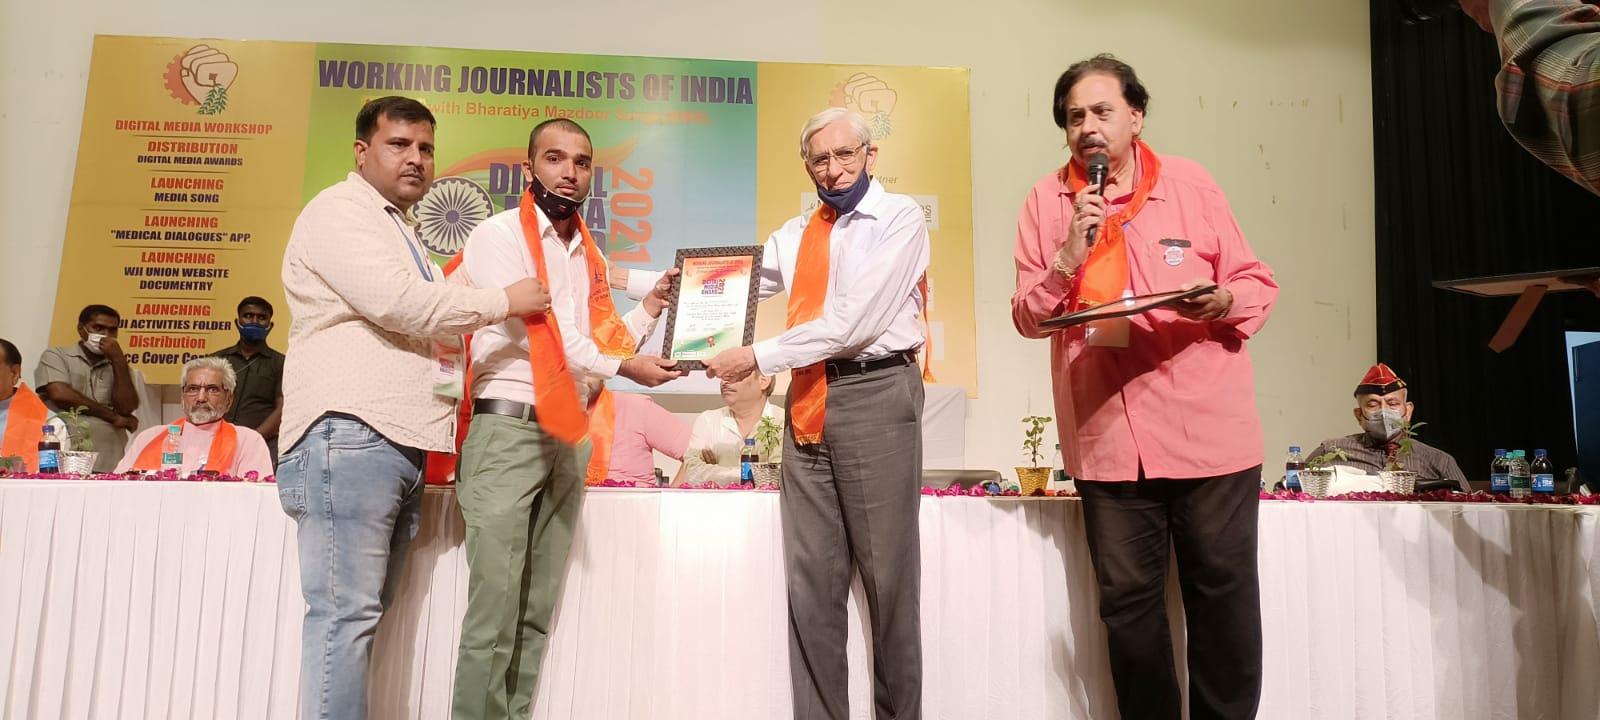 केंद्रीय राज्य मंत्री एसपी सिंह बघेल की उपस्थिति में जनपद बलरामपुर के पत्रकार अनवार अहमद को  दिल्ली में किया गया सम्मानित